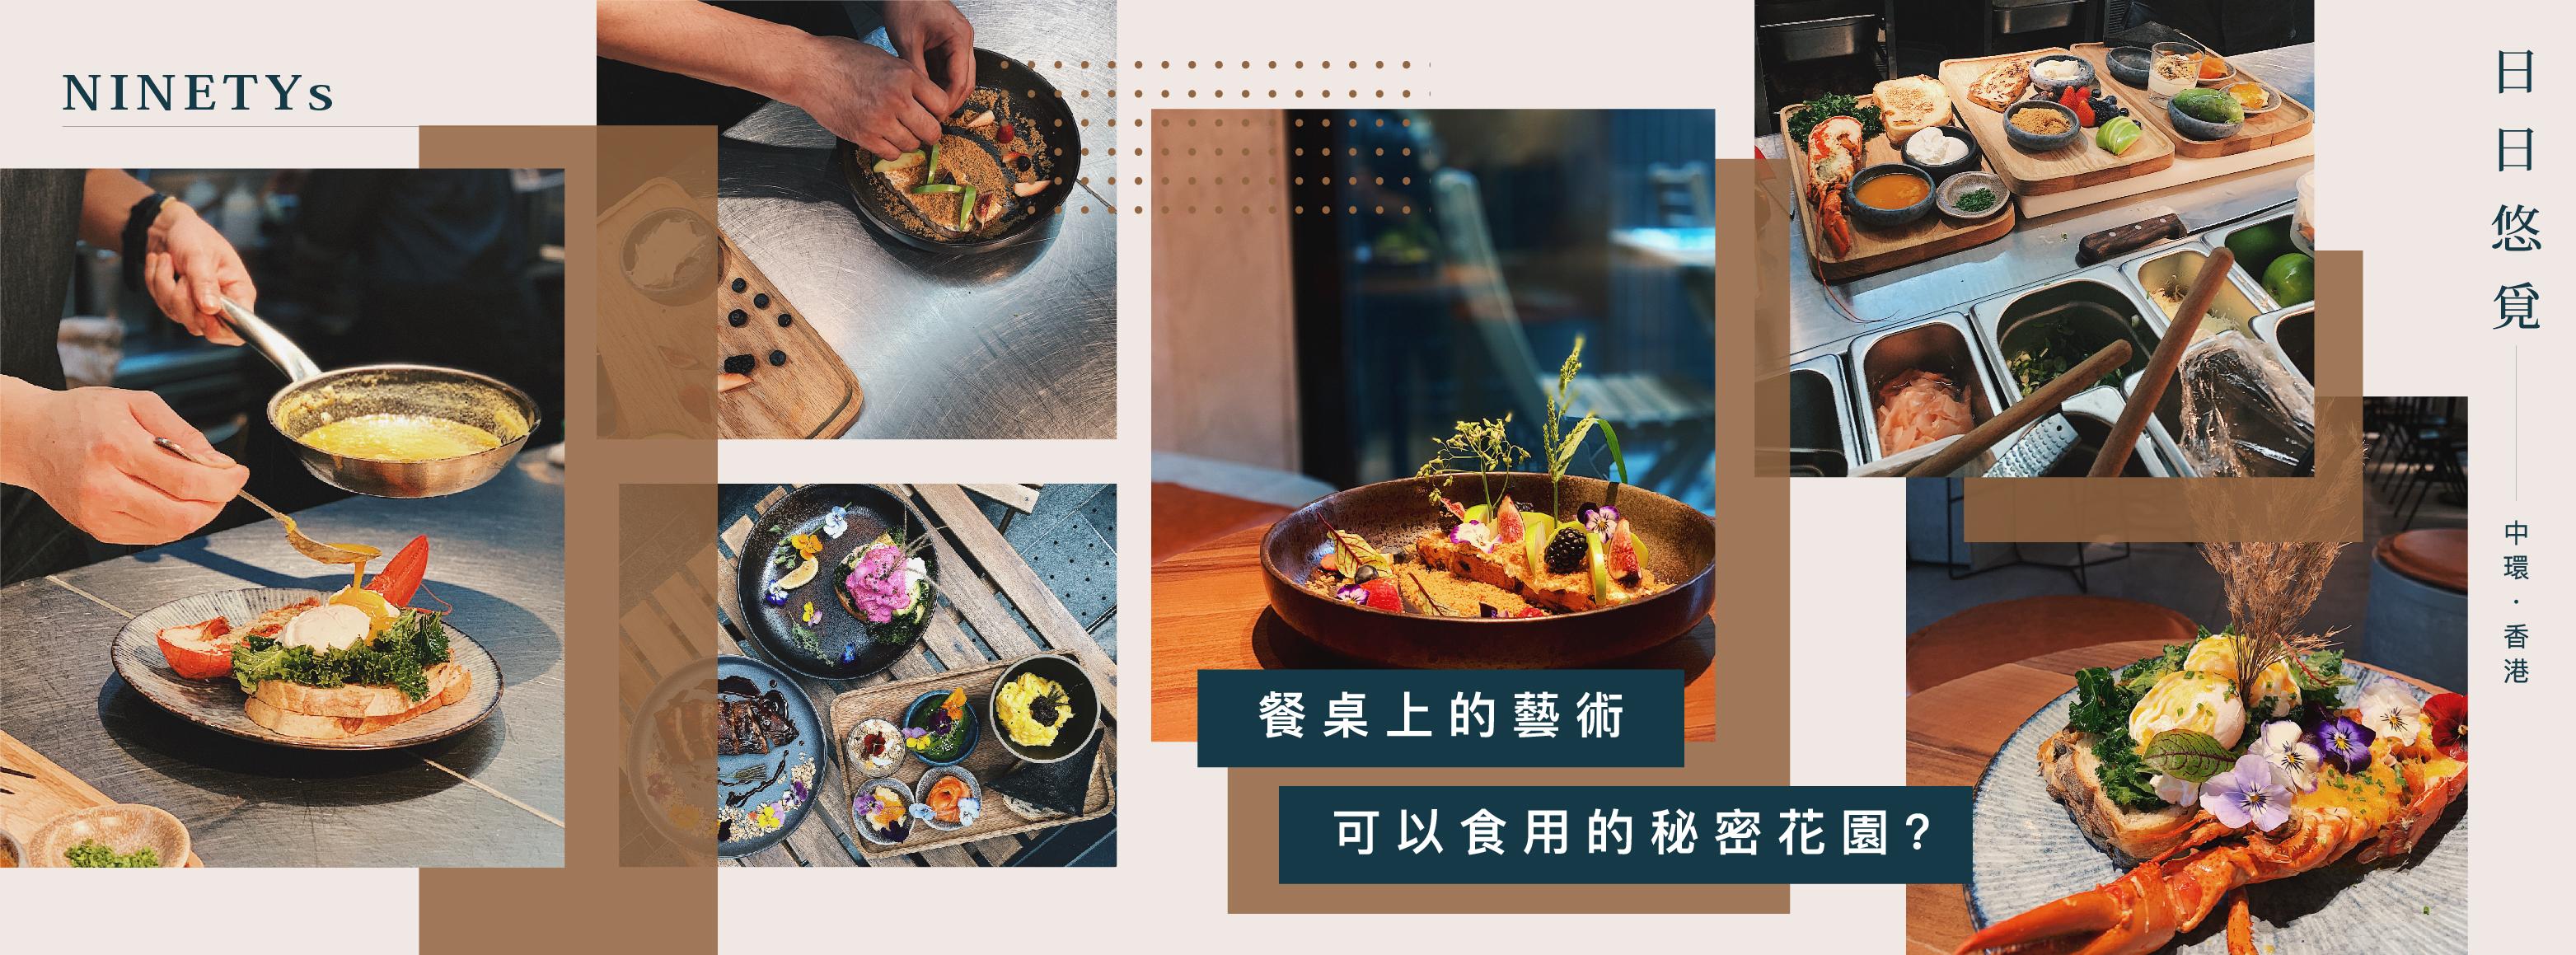 【日日悠覓】 – NINETY's  餐桌上的藝術,可以食用的秘密花園